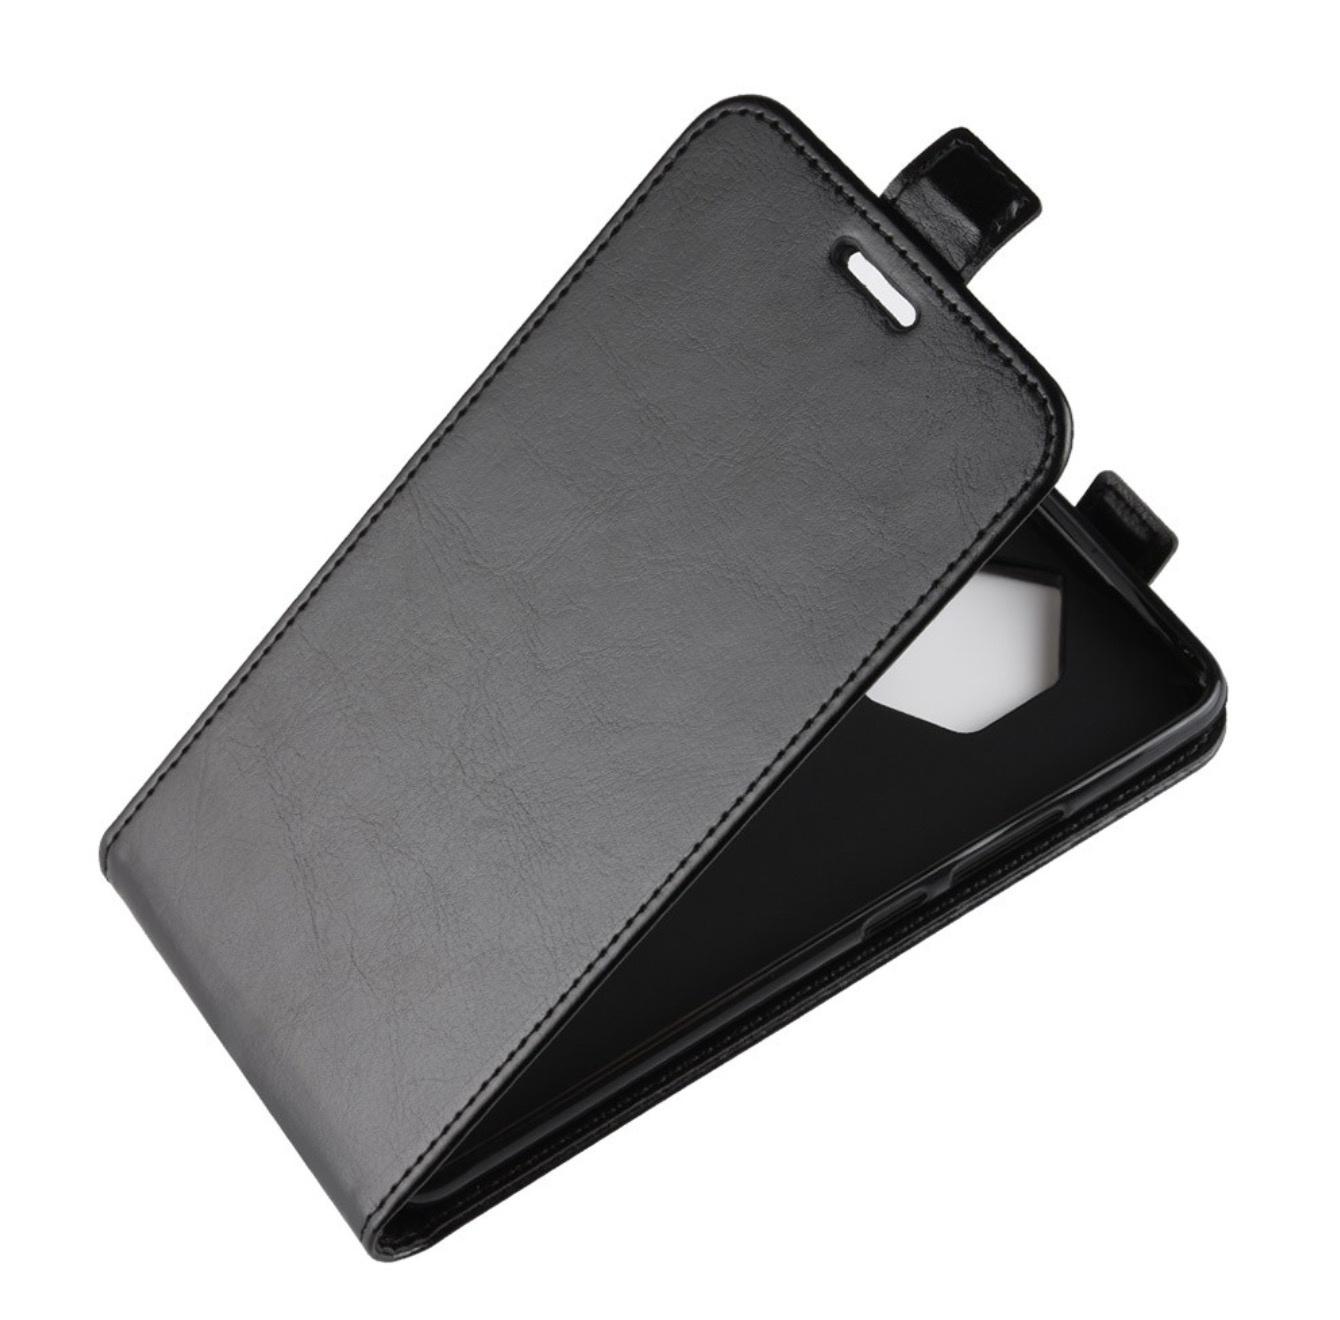 Чехол-флип MyPads для HTC Desire 210 Dual Sim вертикальный откидной черный